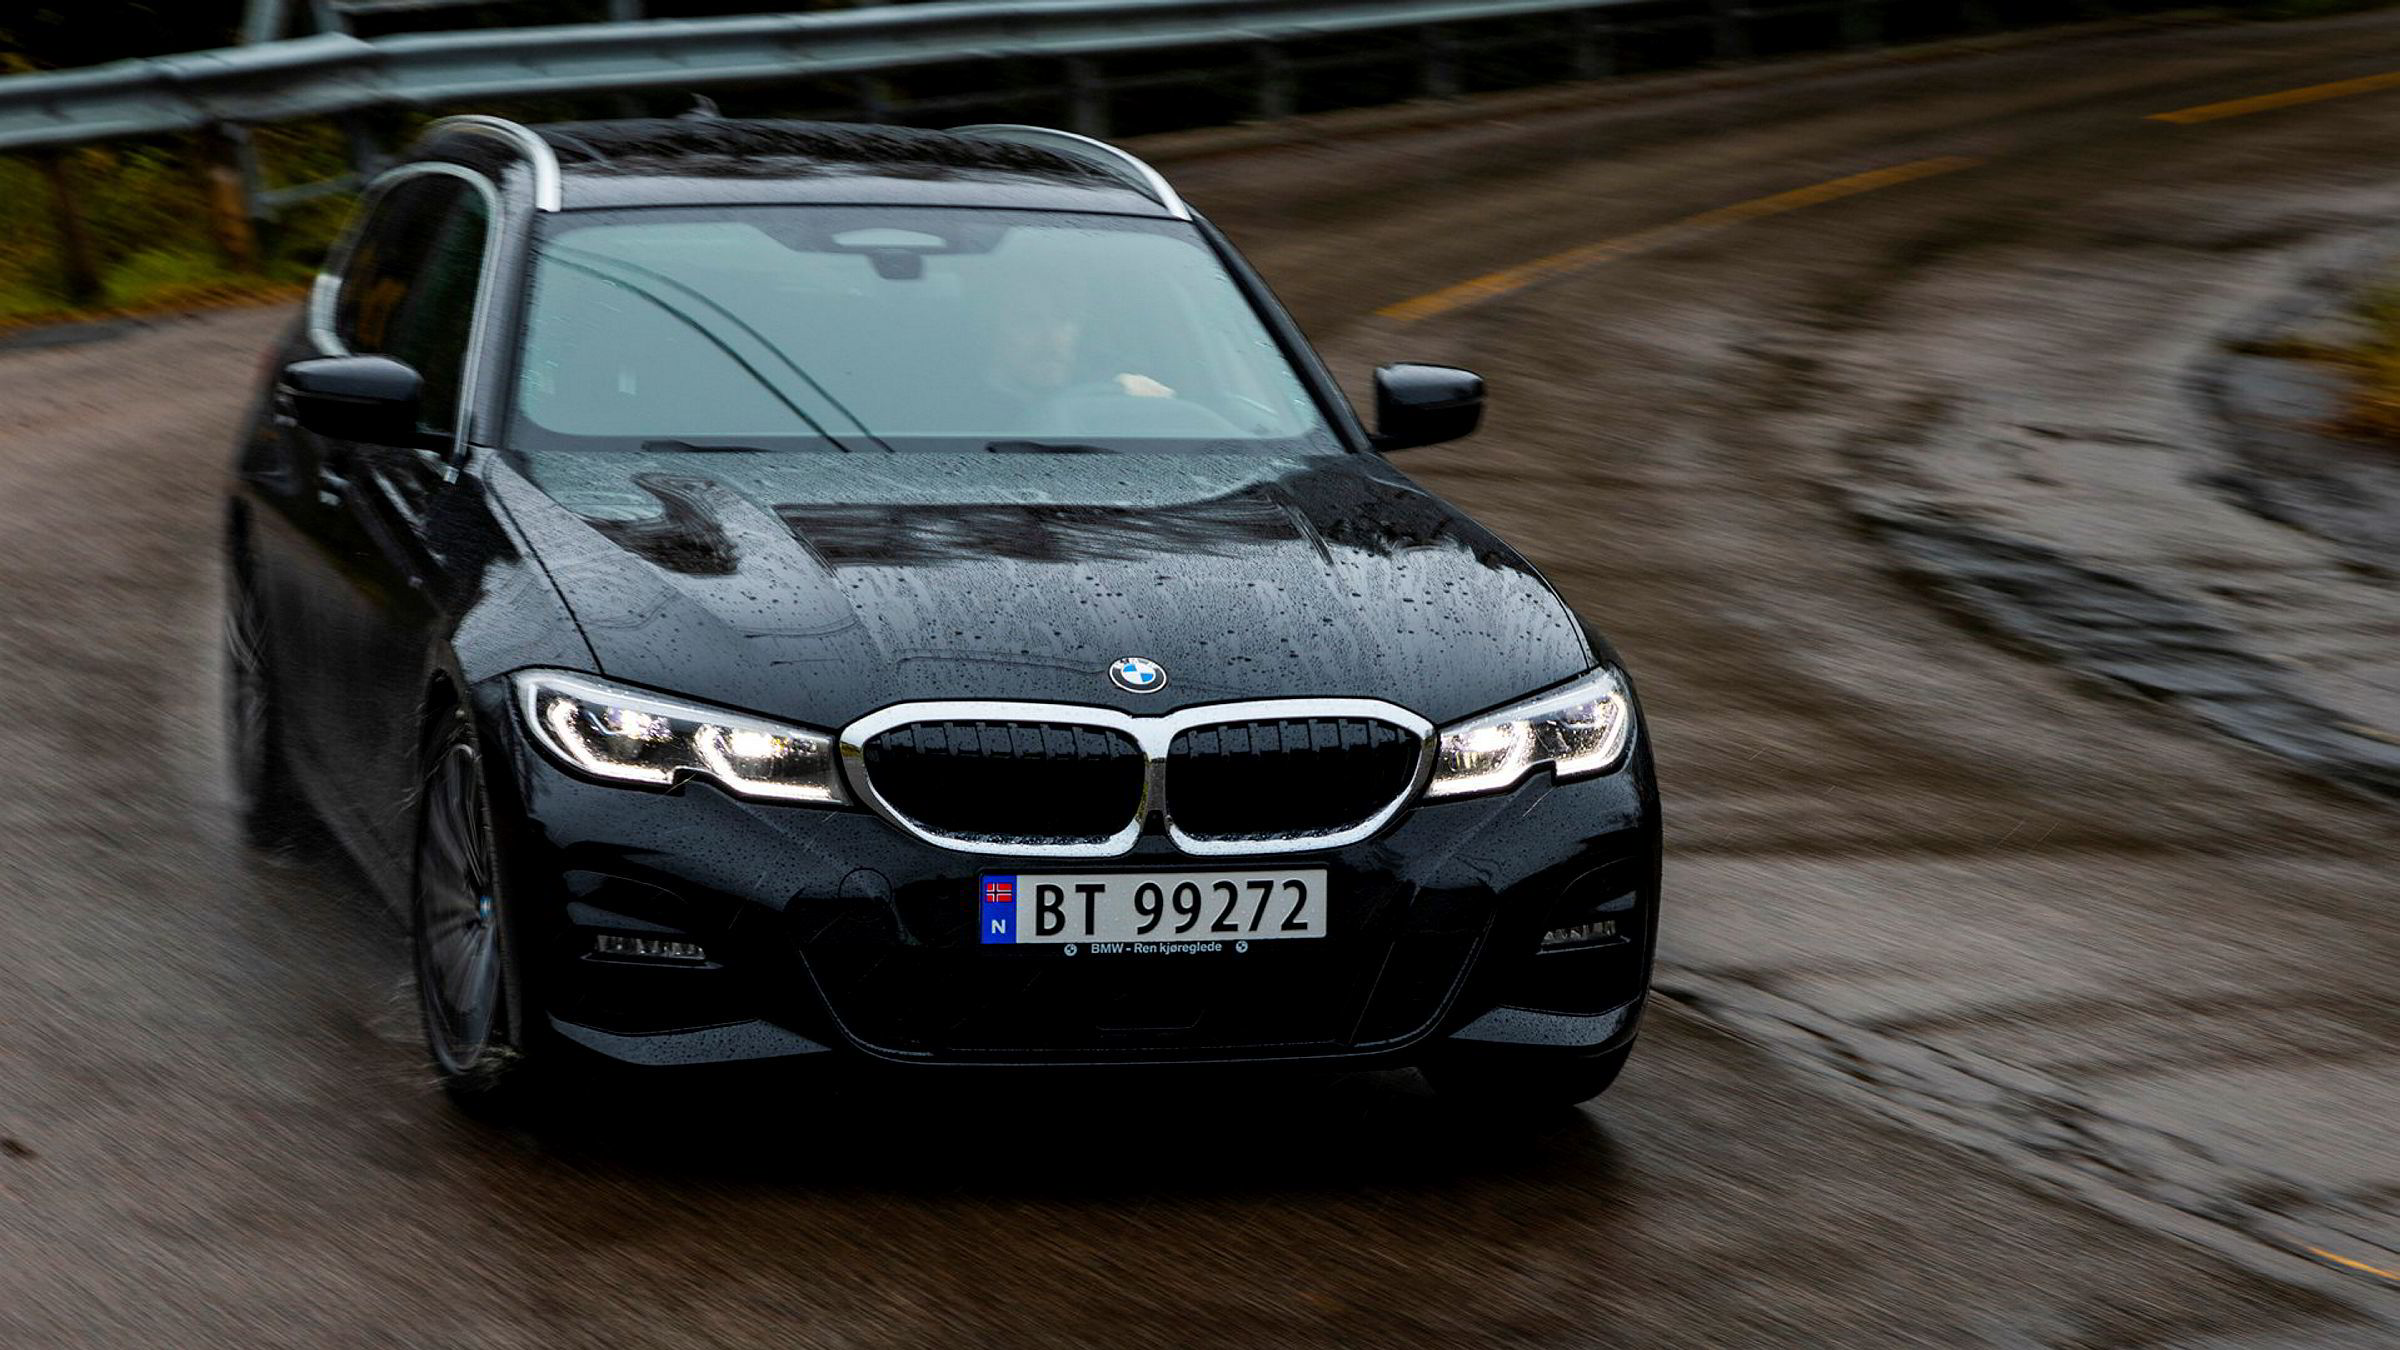 BMW holder teten som kjøremaskinen blant mellomklassebilene. Stasjonsvognen er intet unntak.